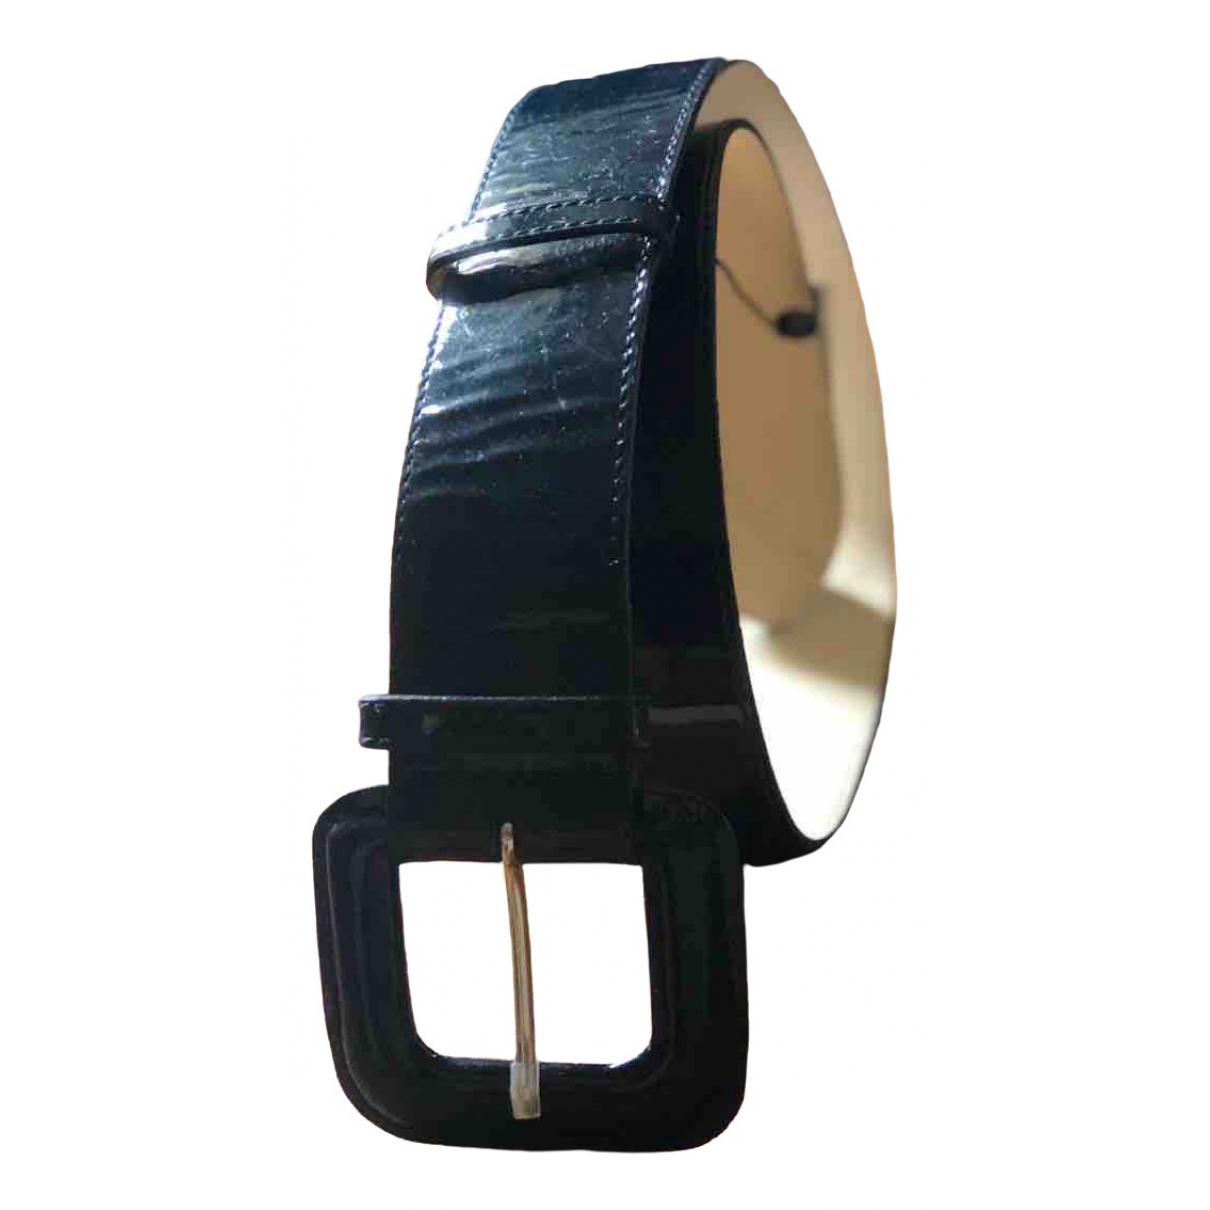 Lk Bennett \N Navy Patent leather belt for Women S International